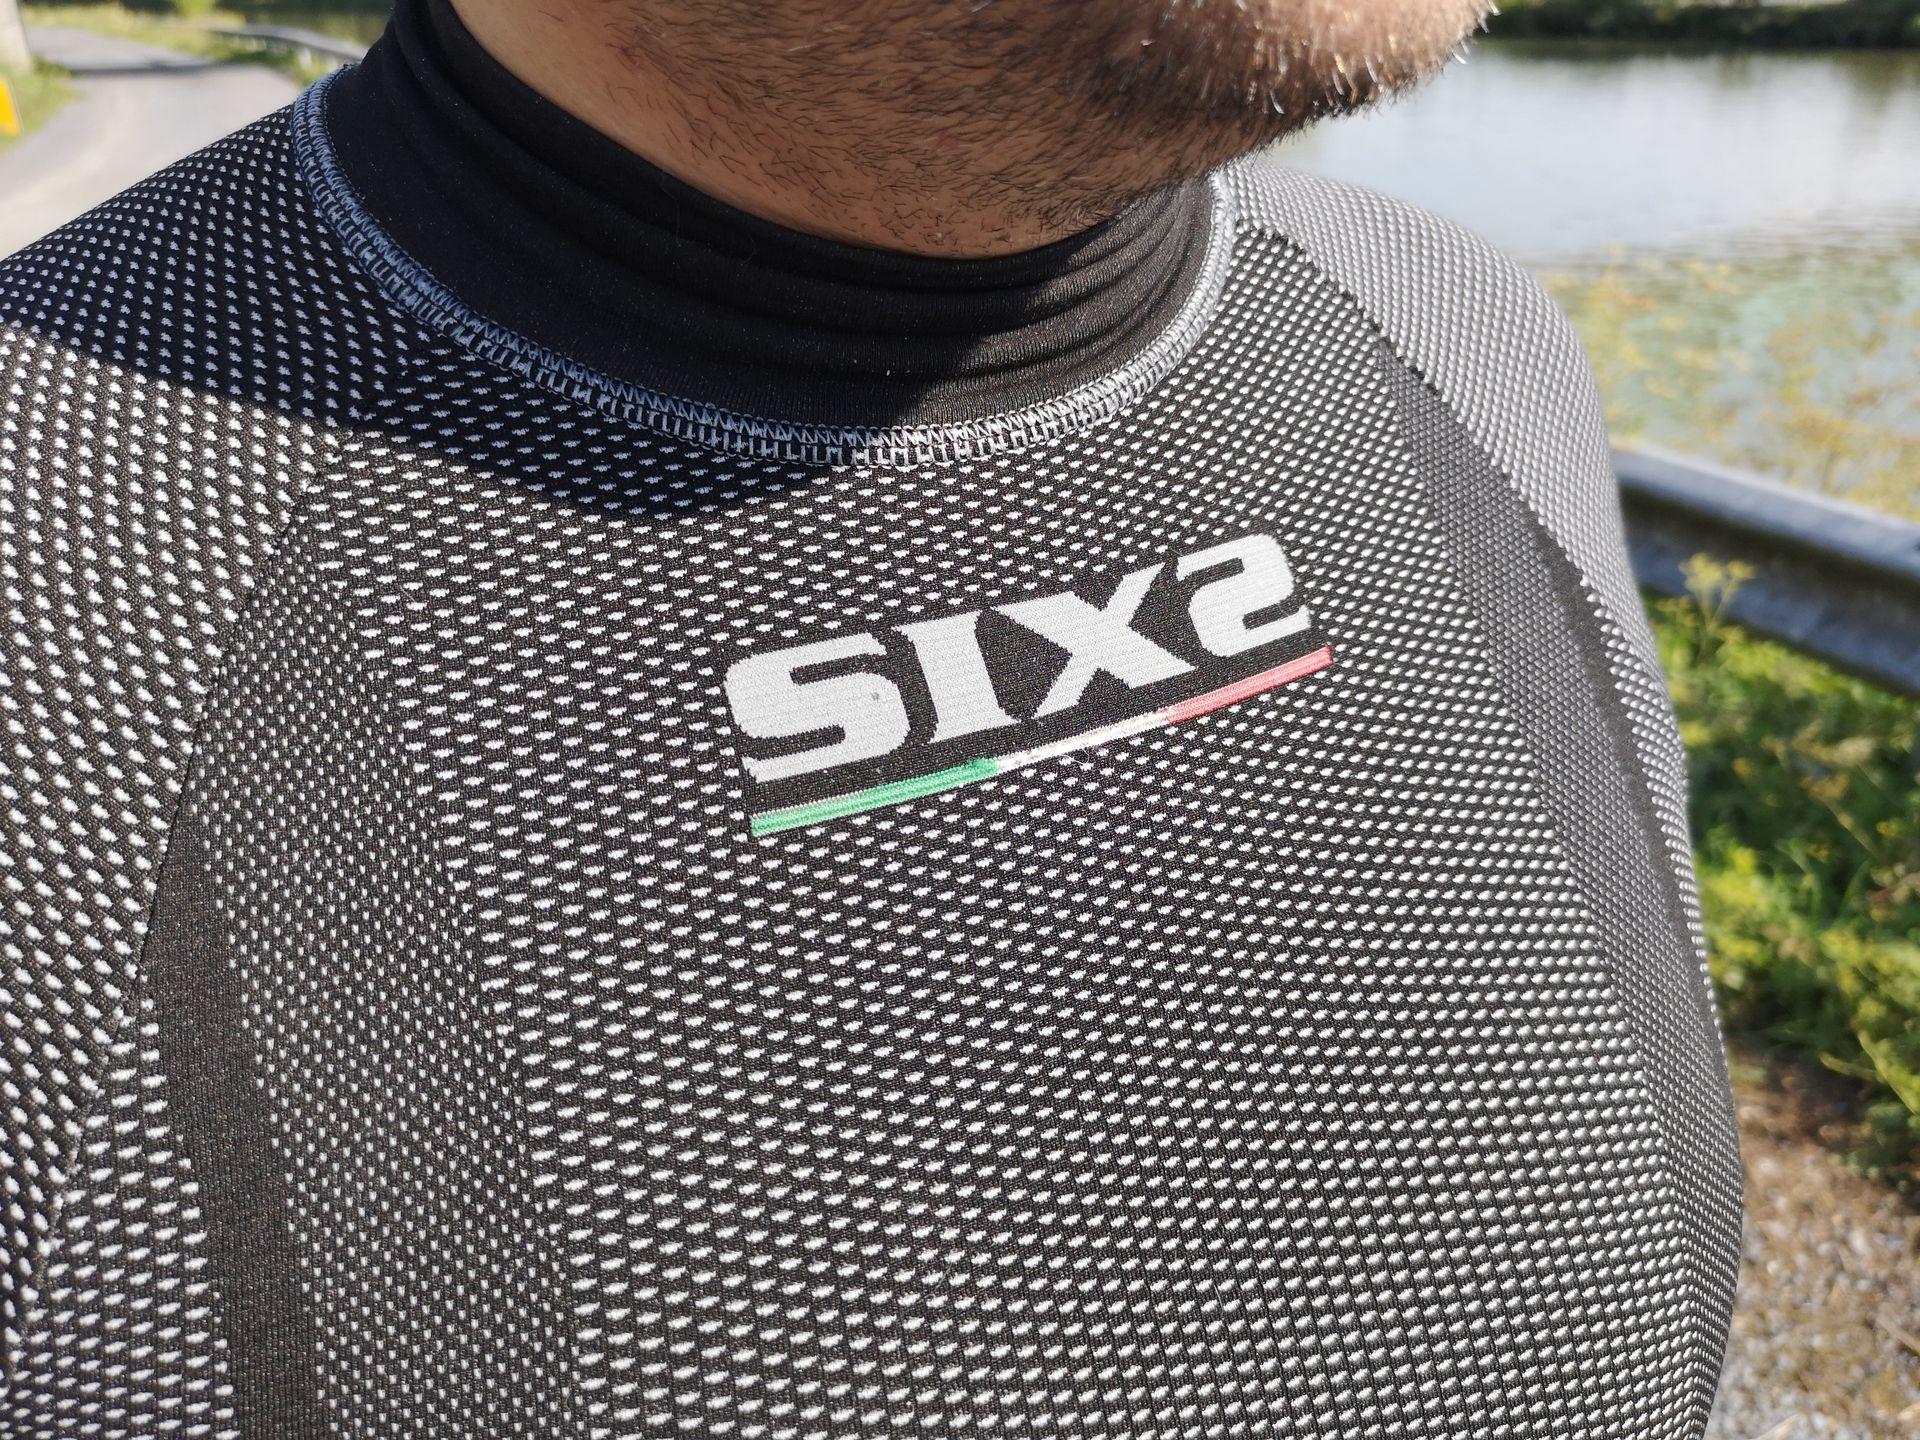 Tee-shirt technique Six2 TS3 : parfait en cas de canicule